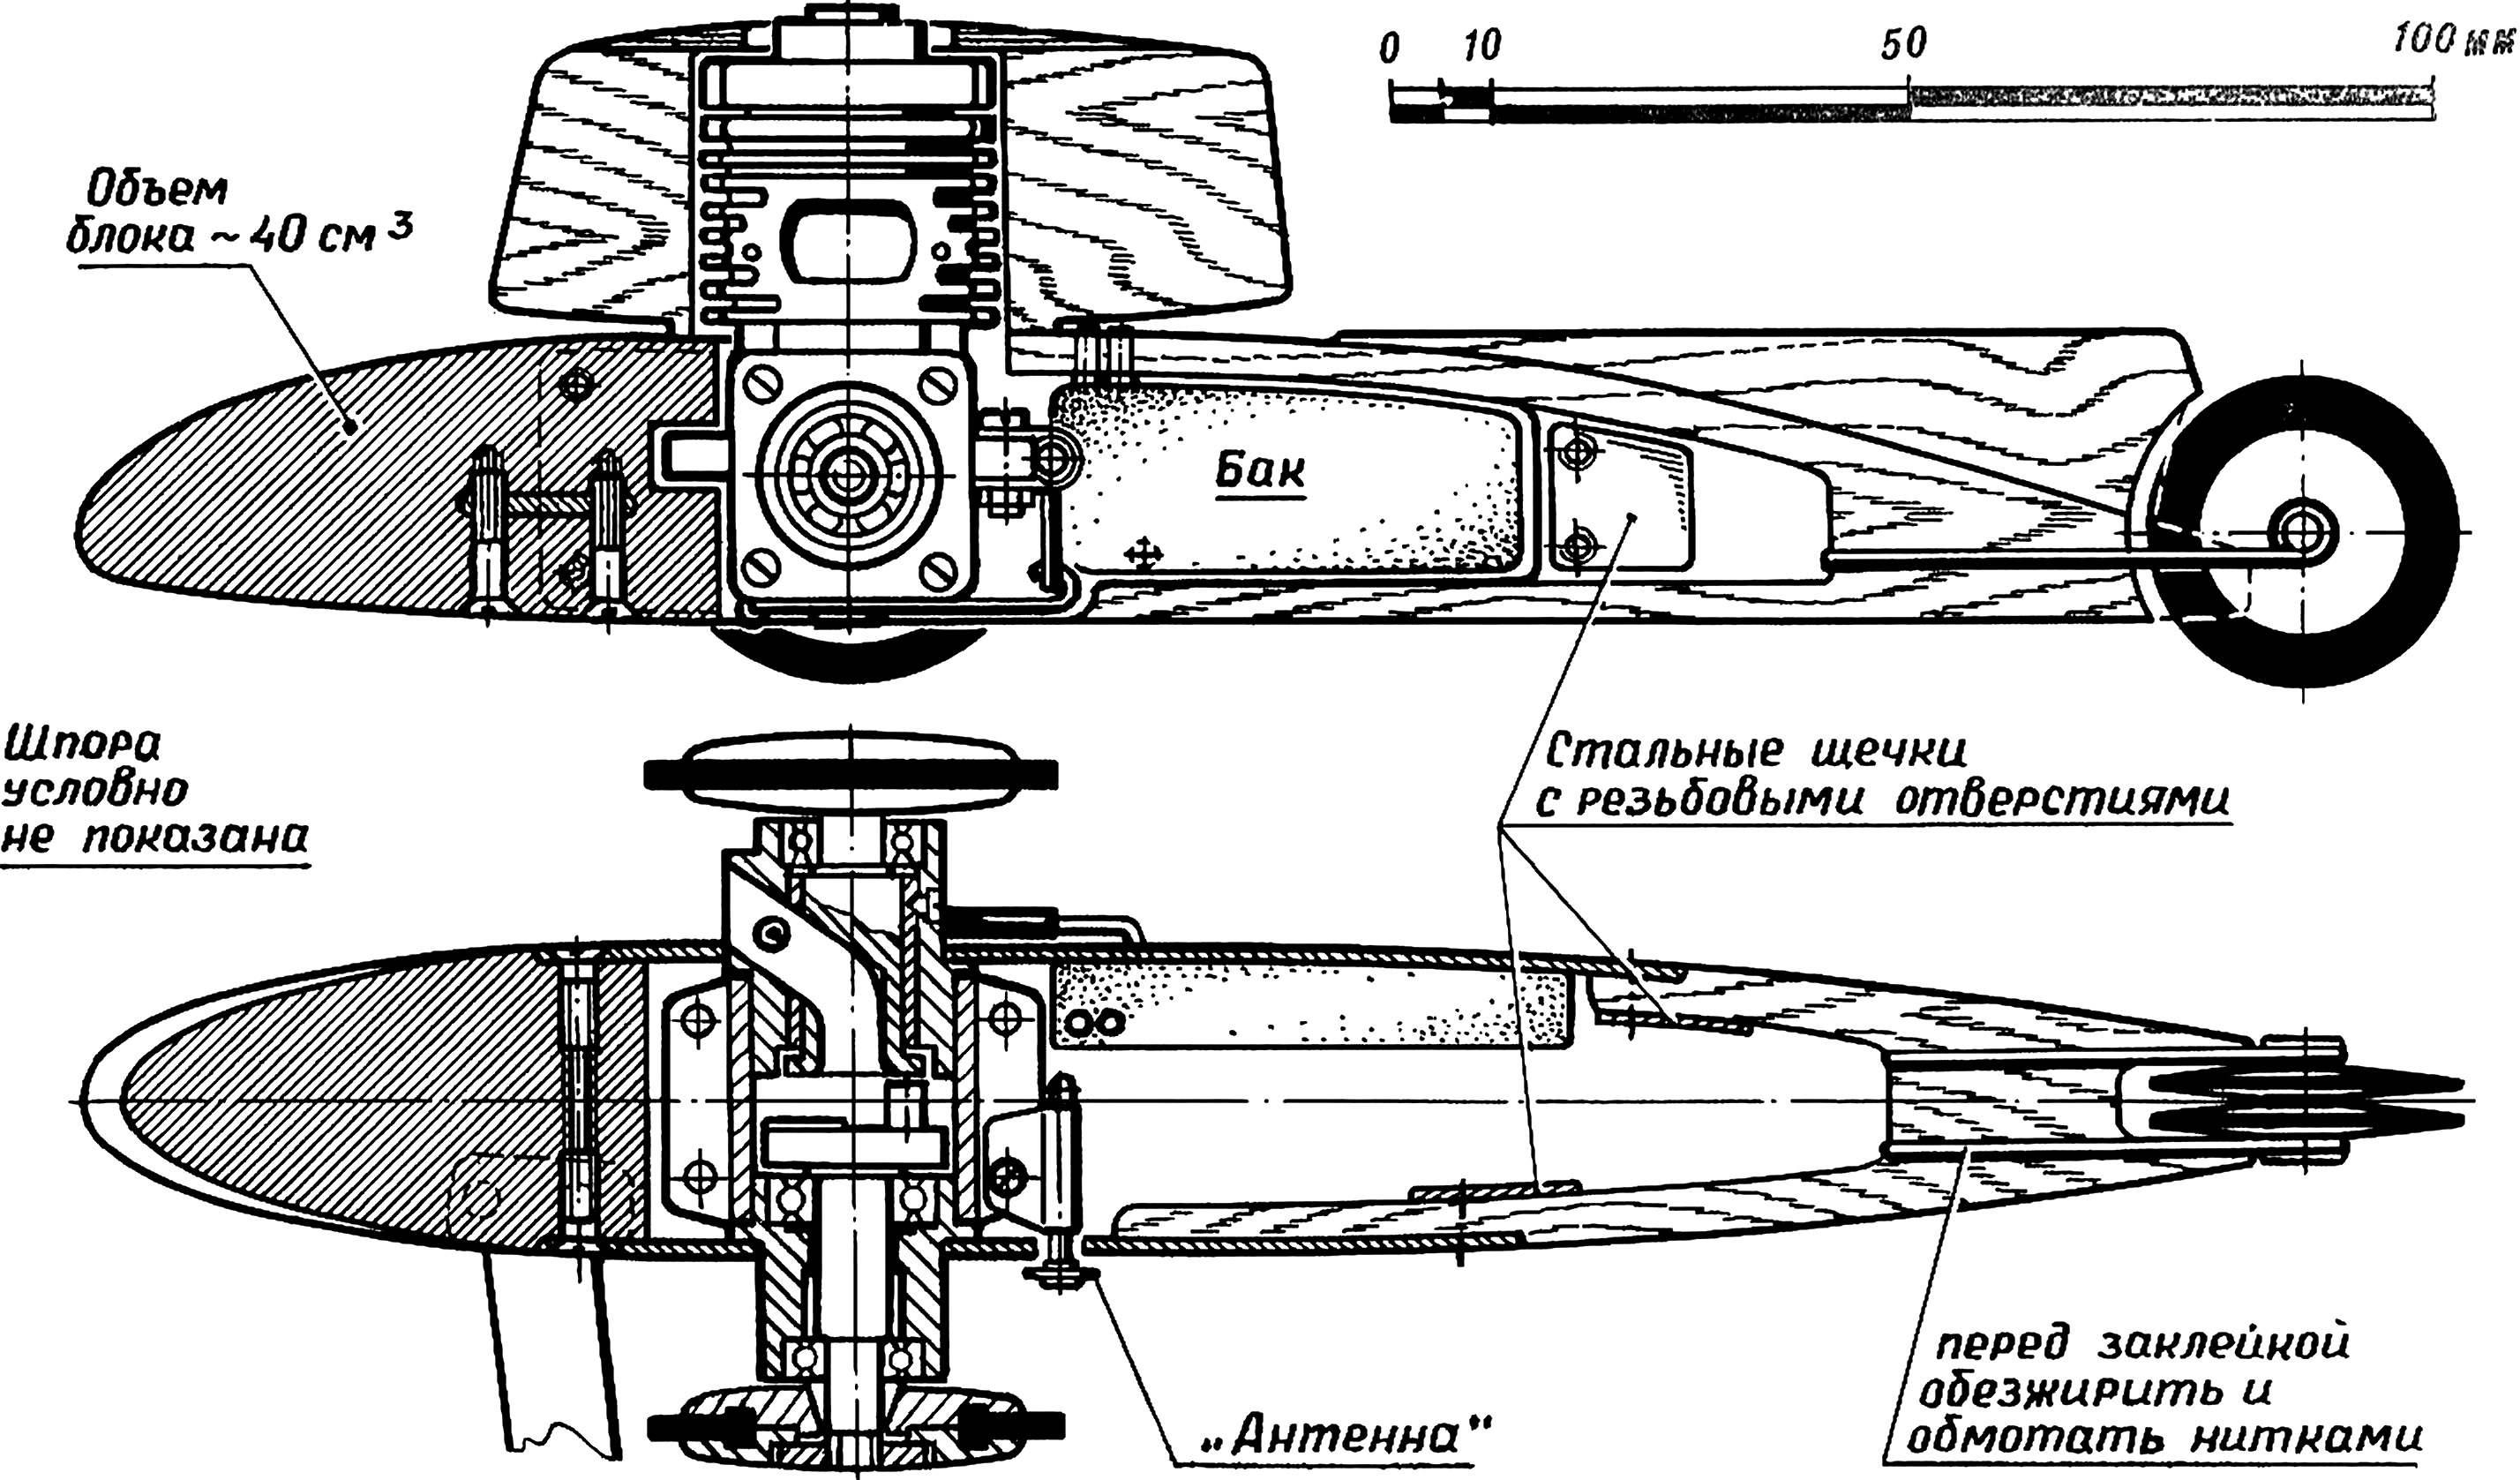 Рис. 2. Конструкция гоночной автомодели.